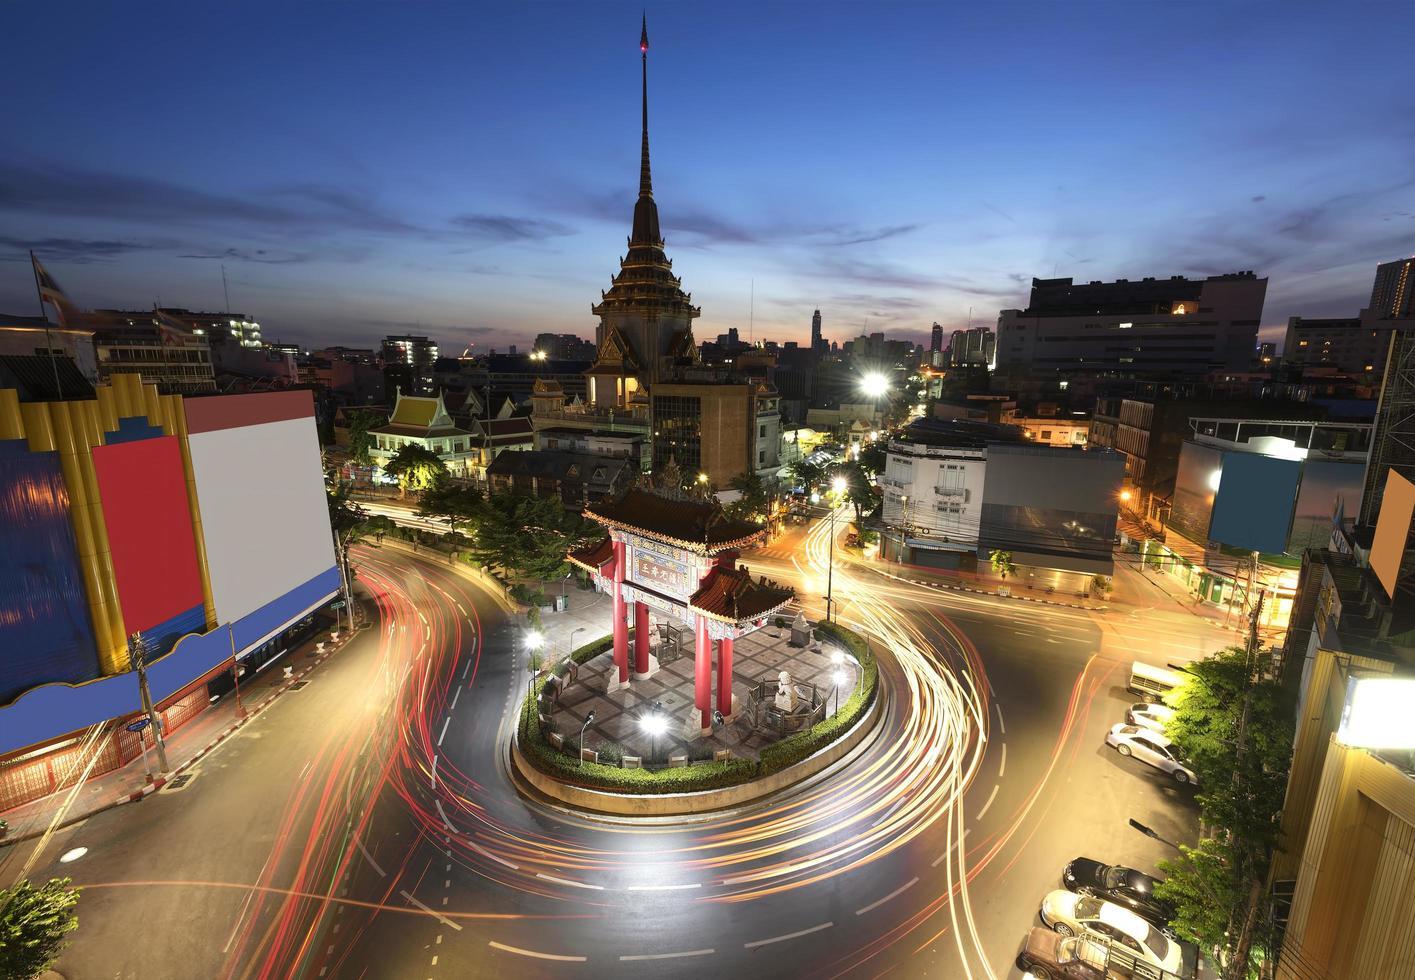 l'arco dell'ingresso e il tempio, Tailandia, lunga esposizione foto